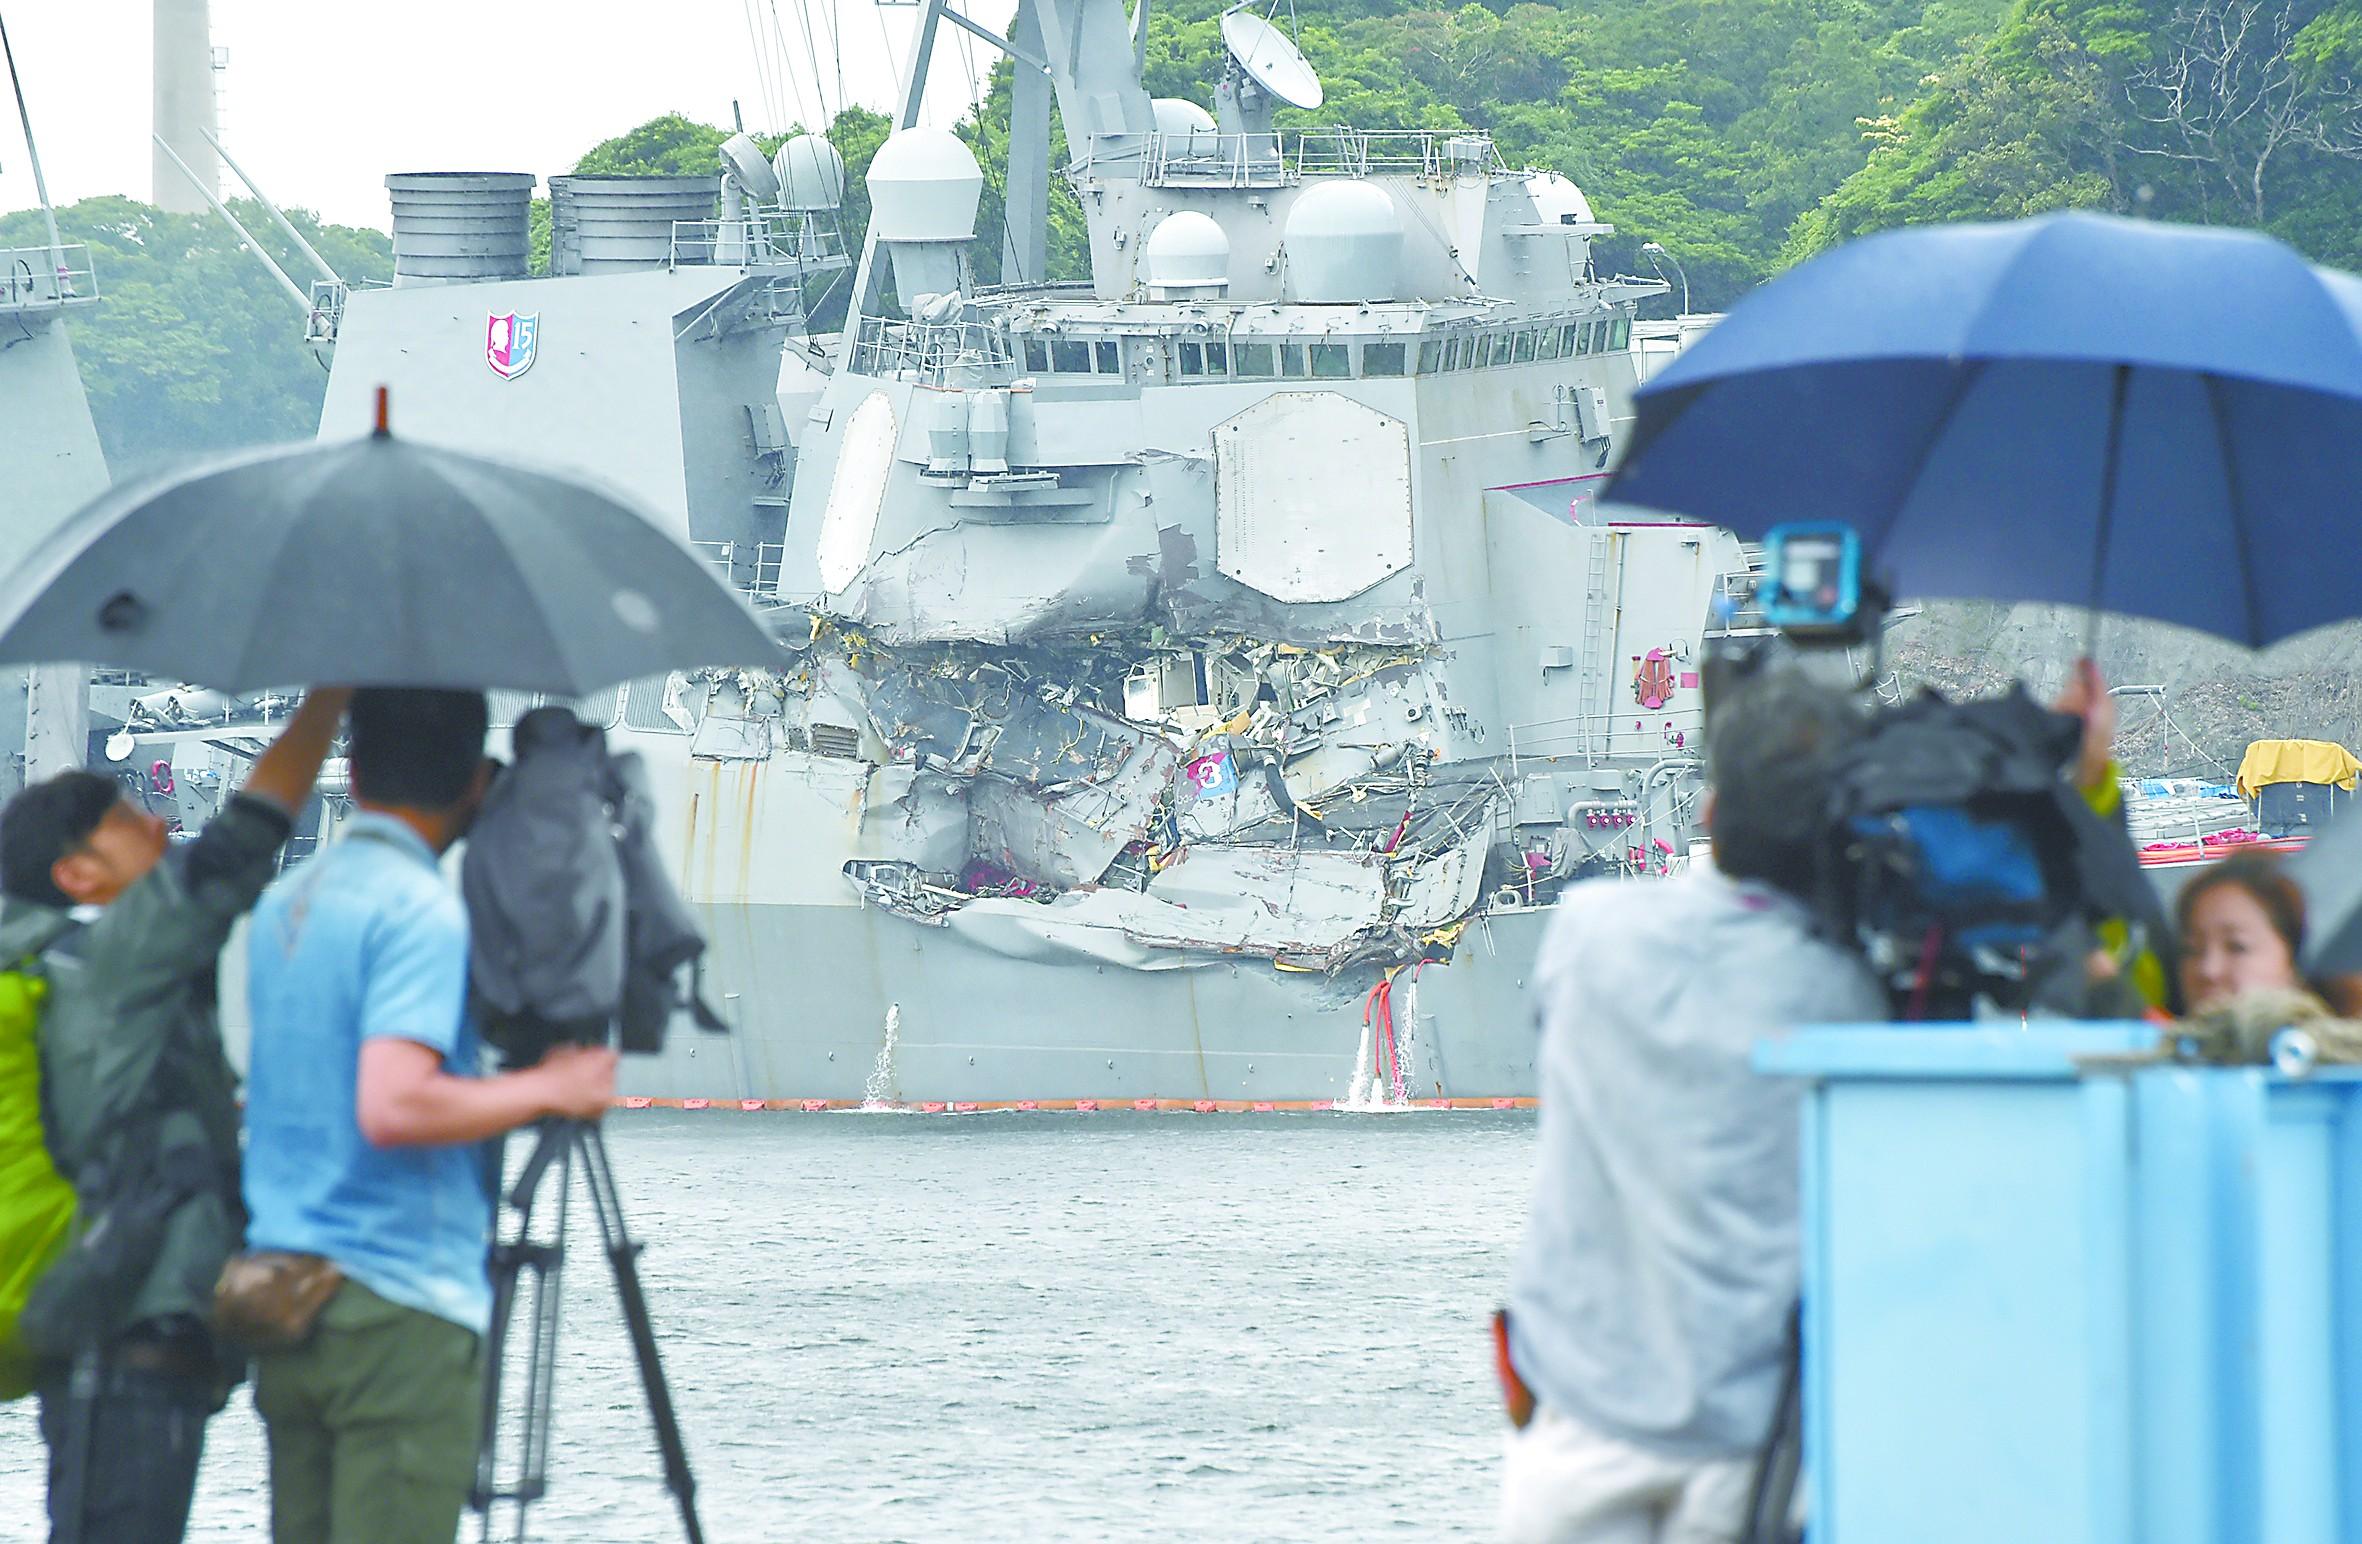 宙斯盾舰离奇撞上货船 七士兵之死震动美海军